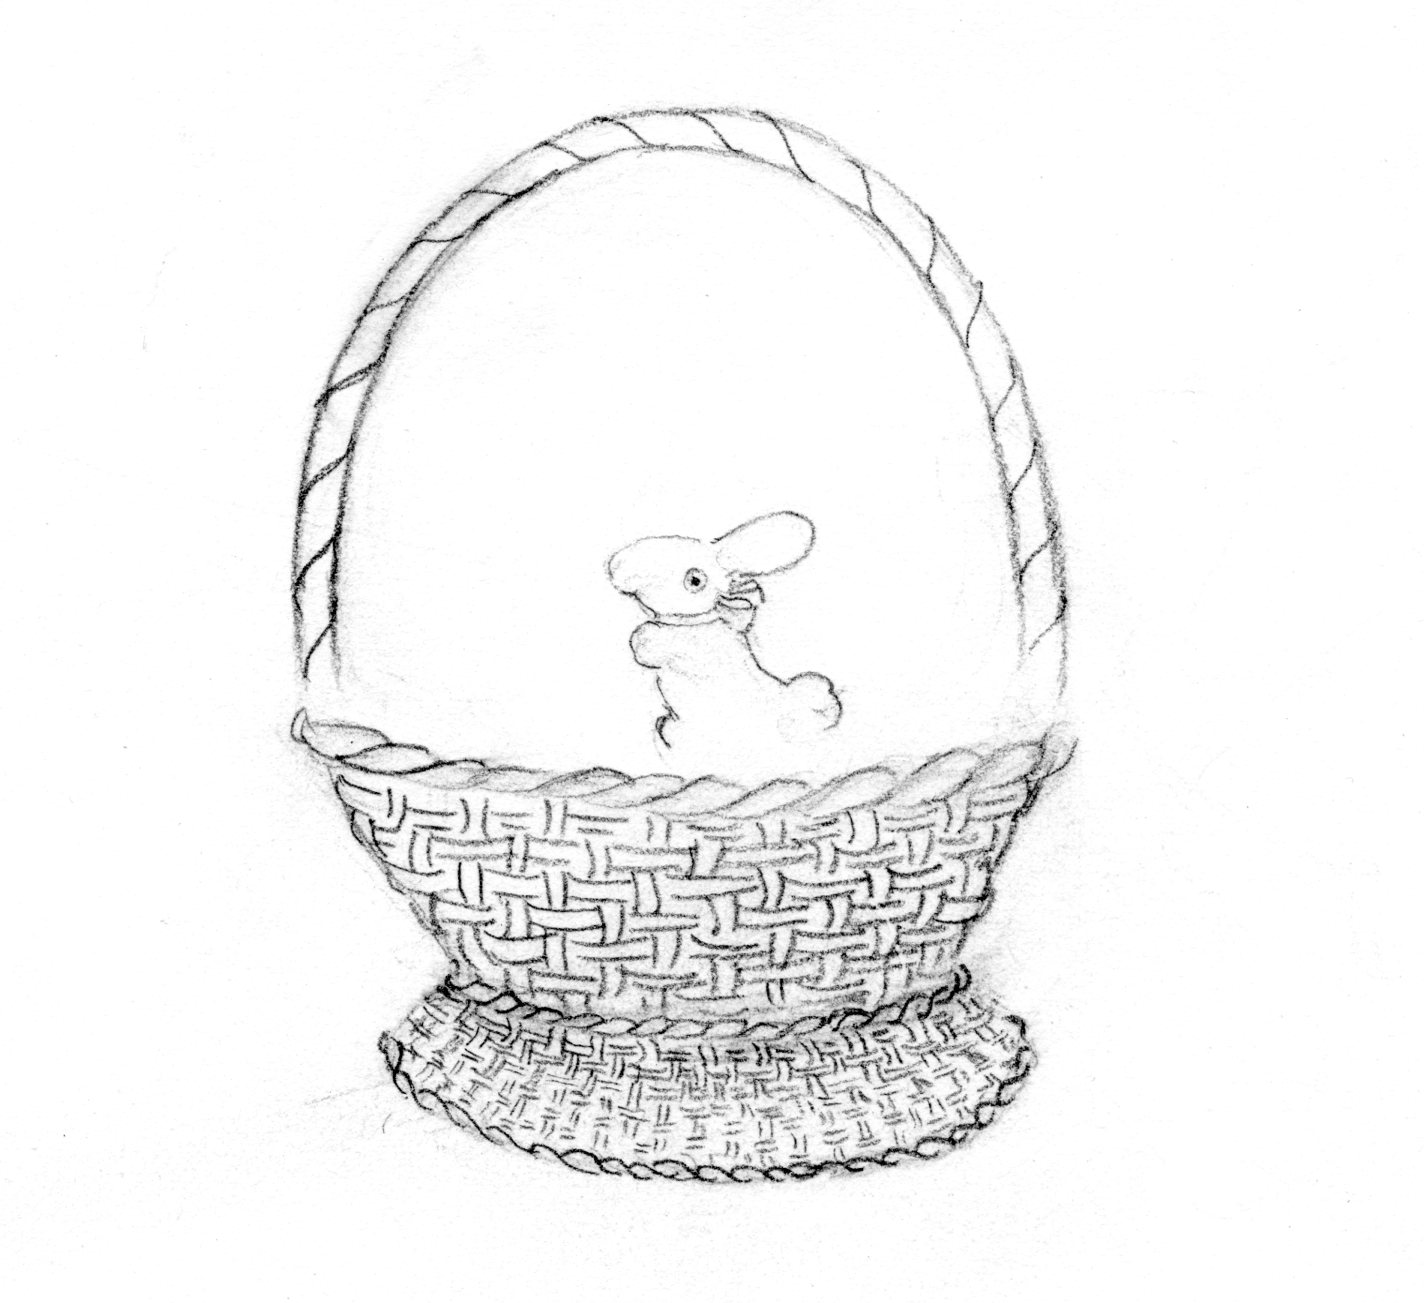 sketched basket